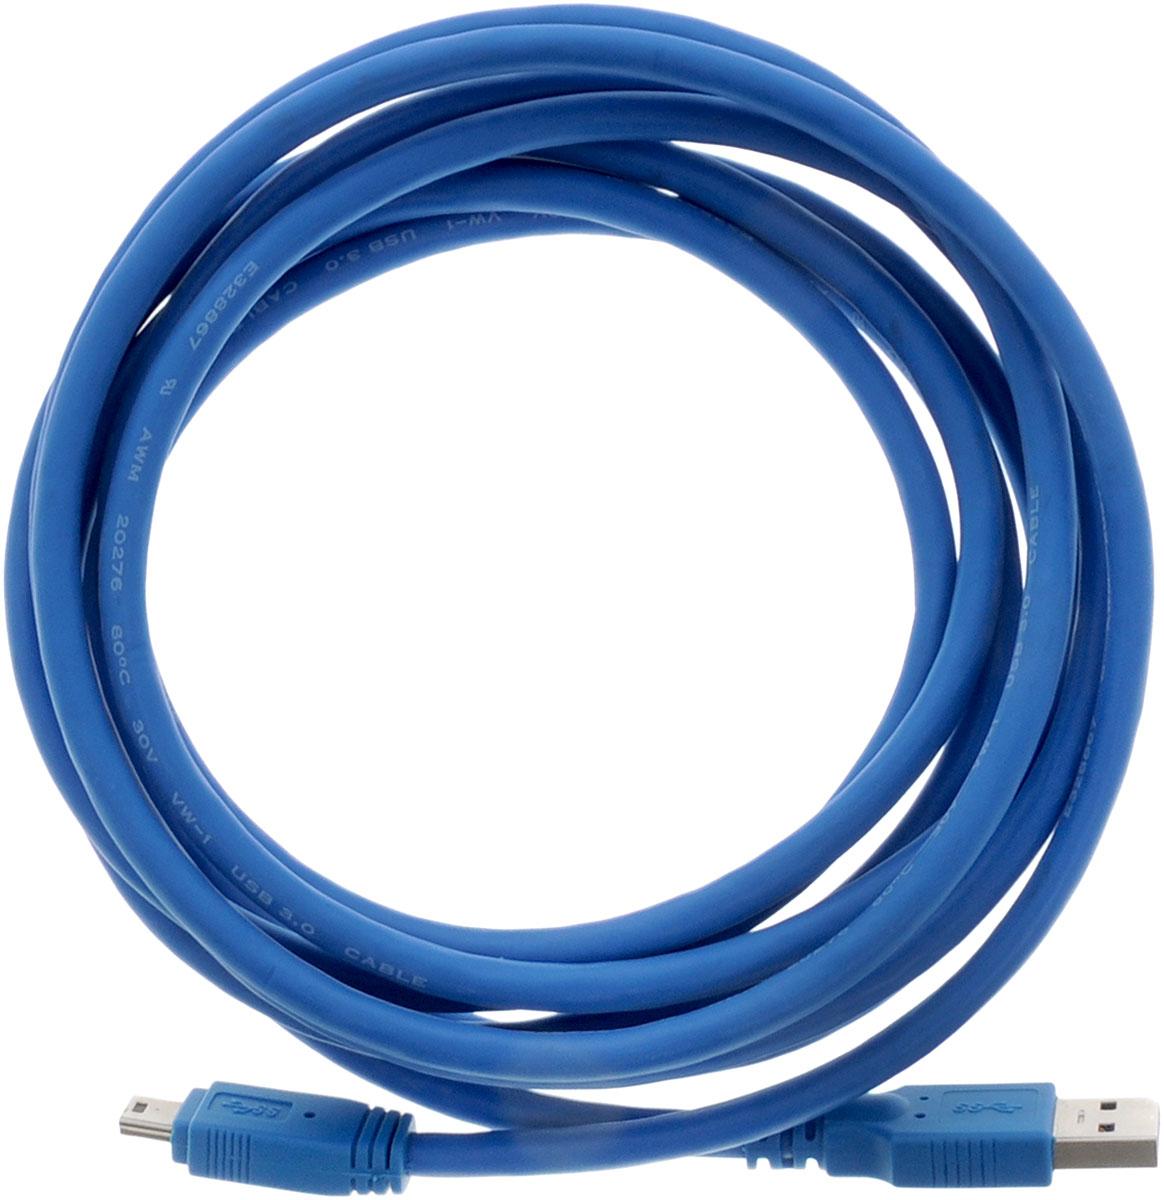 Greenconnect Premium GC-U3A2109, Blue кабель miniUSB 3.0-USB 3.0 (3 м)GC-U3A2109-3mКабель Greenconnect Premium GC-U3A2109 позволяет подключать мобильные устройства, которые имеют разъем miniUSB к USB разъему компьютера. Подходит для повседневных задач, таких как синхронизация данных и передача файлов. Кабель имеет двойное экранирование (сочетание фольгированной и общей оплетки), что позволяет защитить сигнал при передаче от влияния внешних полей, способных создать помехи.Скорость передачи данных: до 5 ГбитОбратная совместимость с USB 2.0/1.1Тип оболочки: PVC (ПВХ)